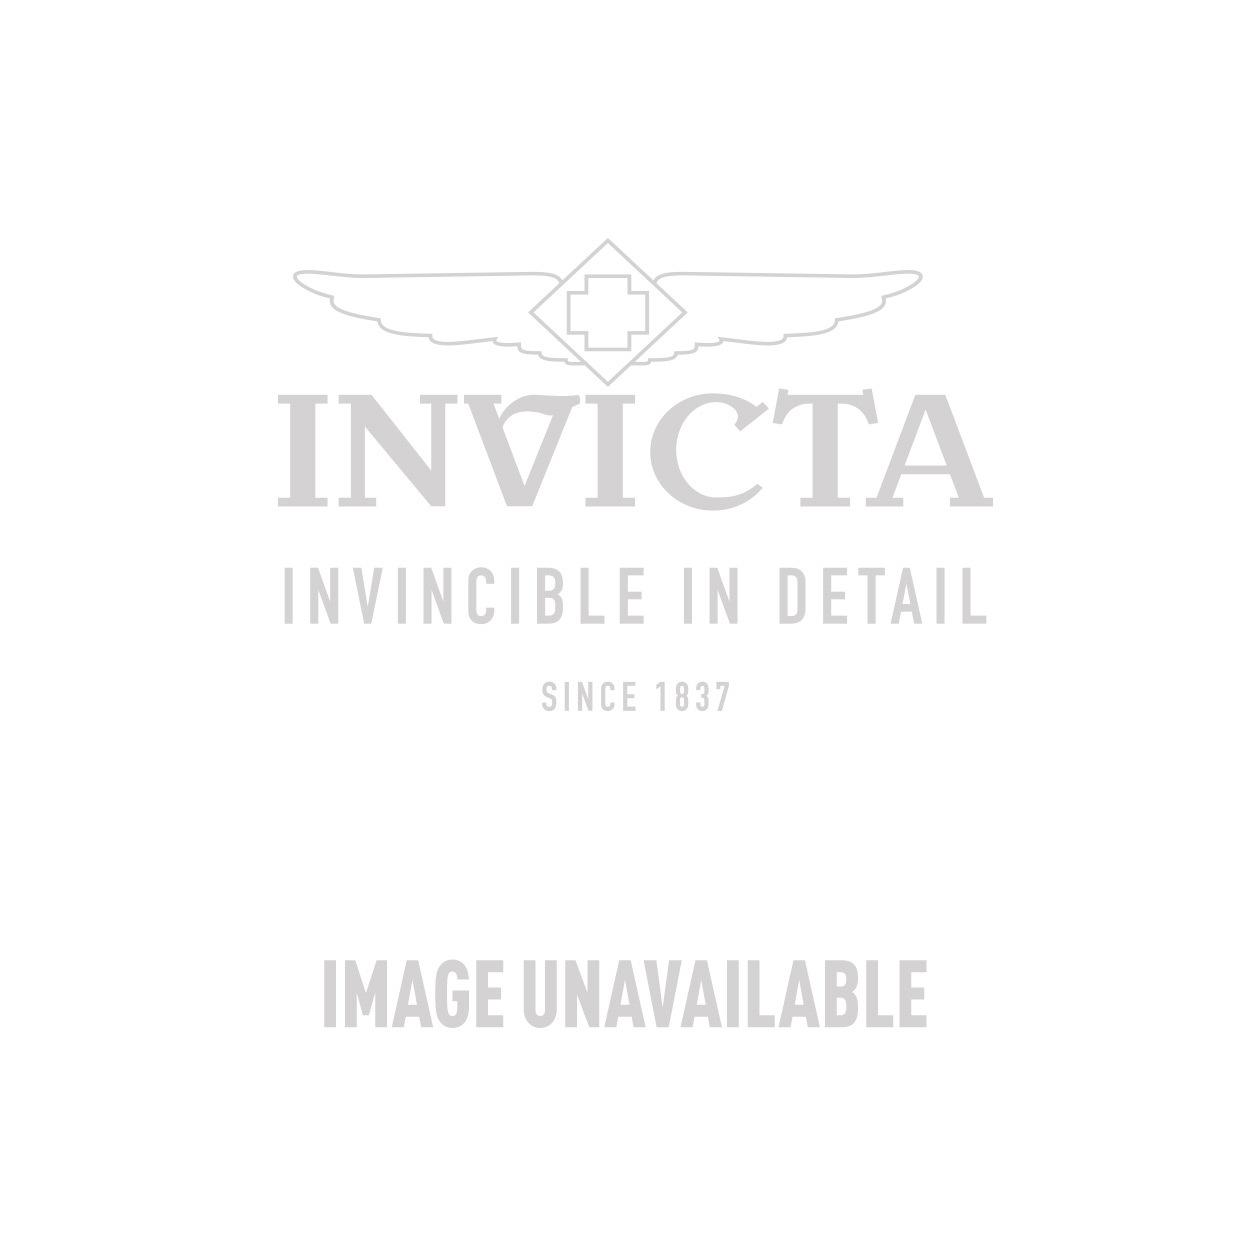 Invicta Model 24029